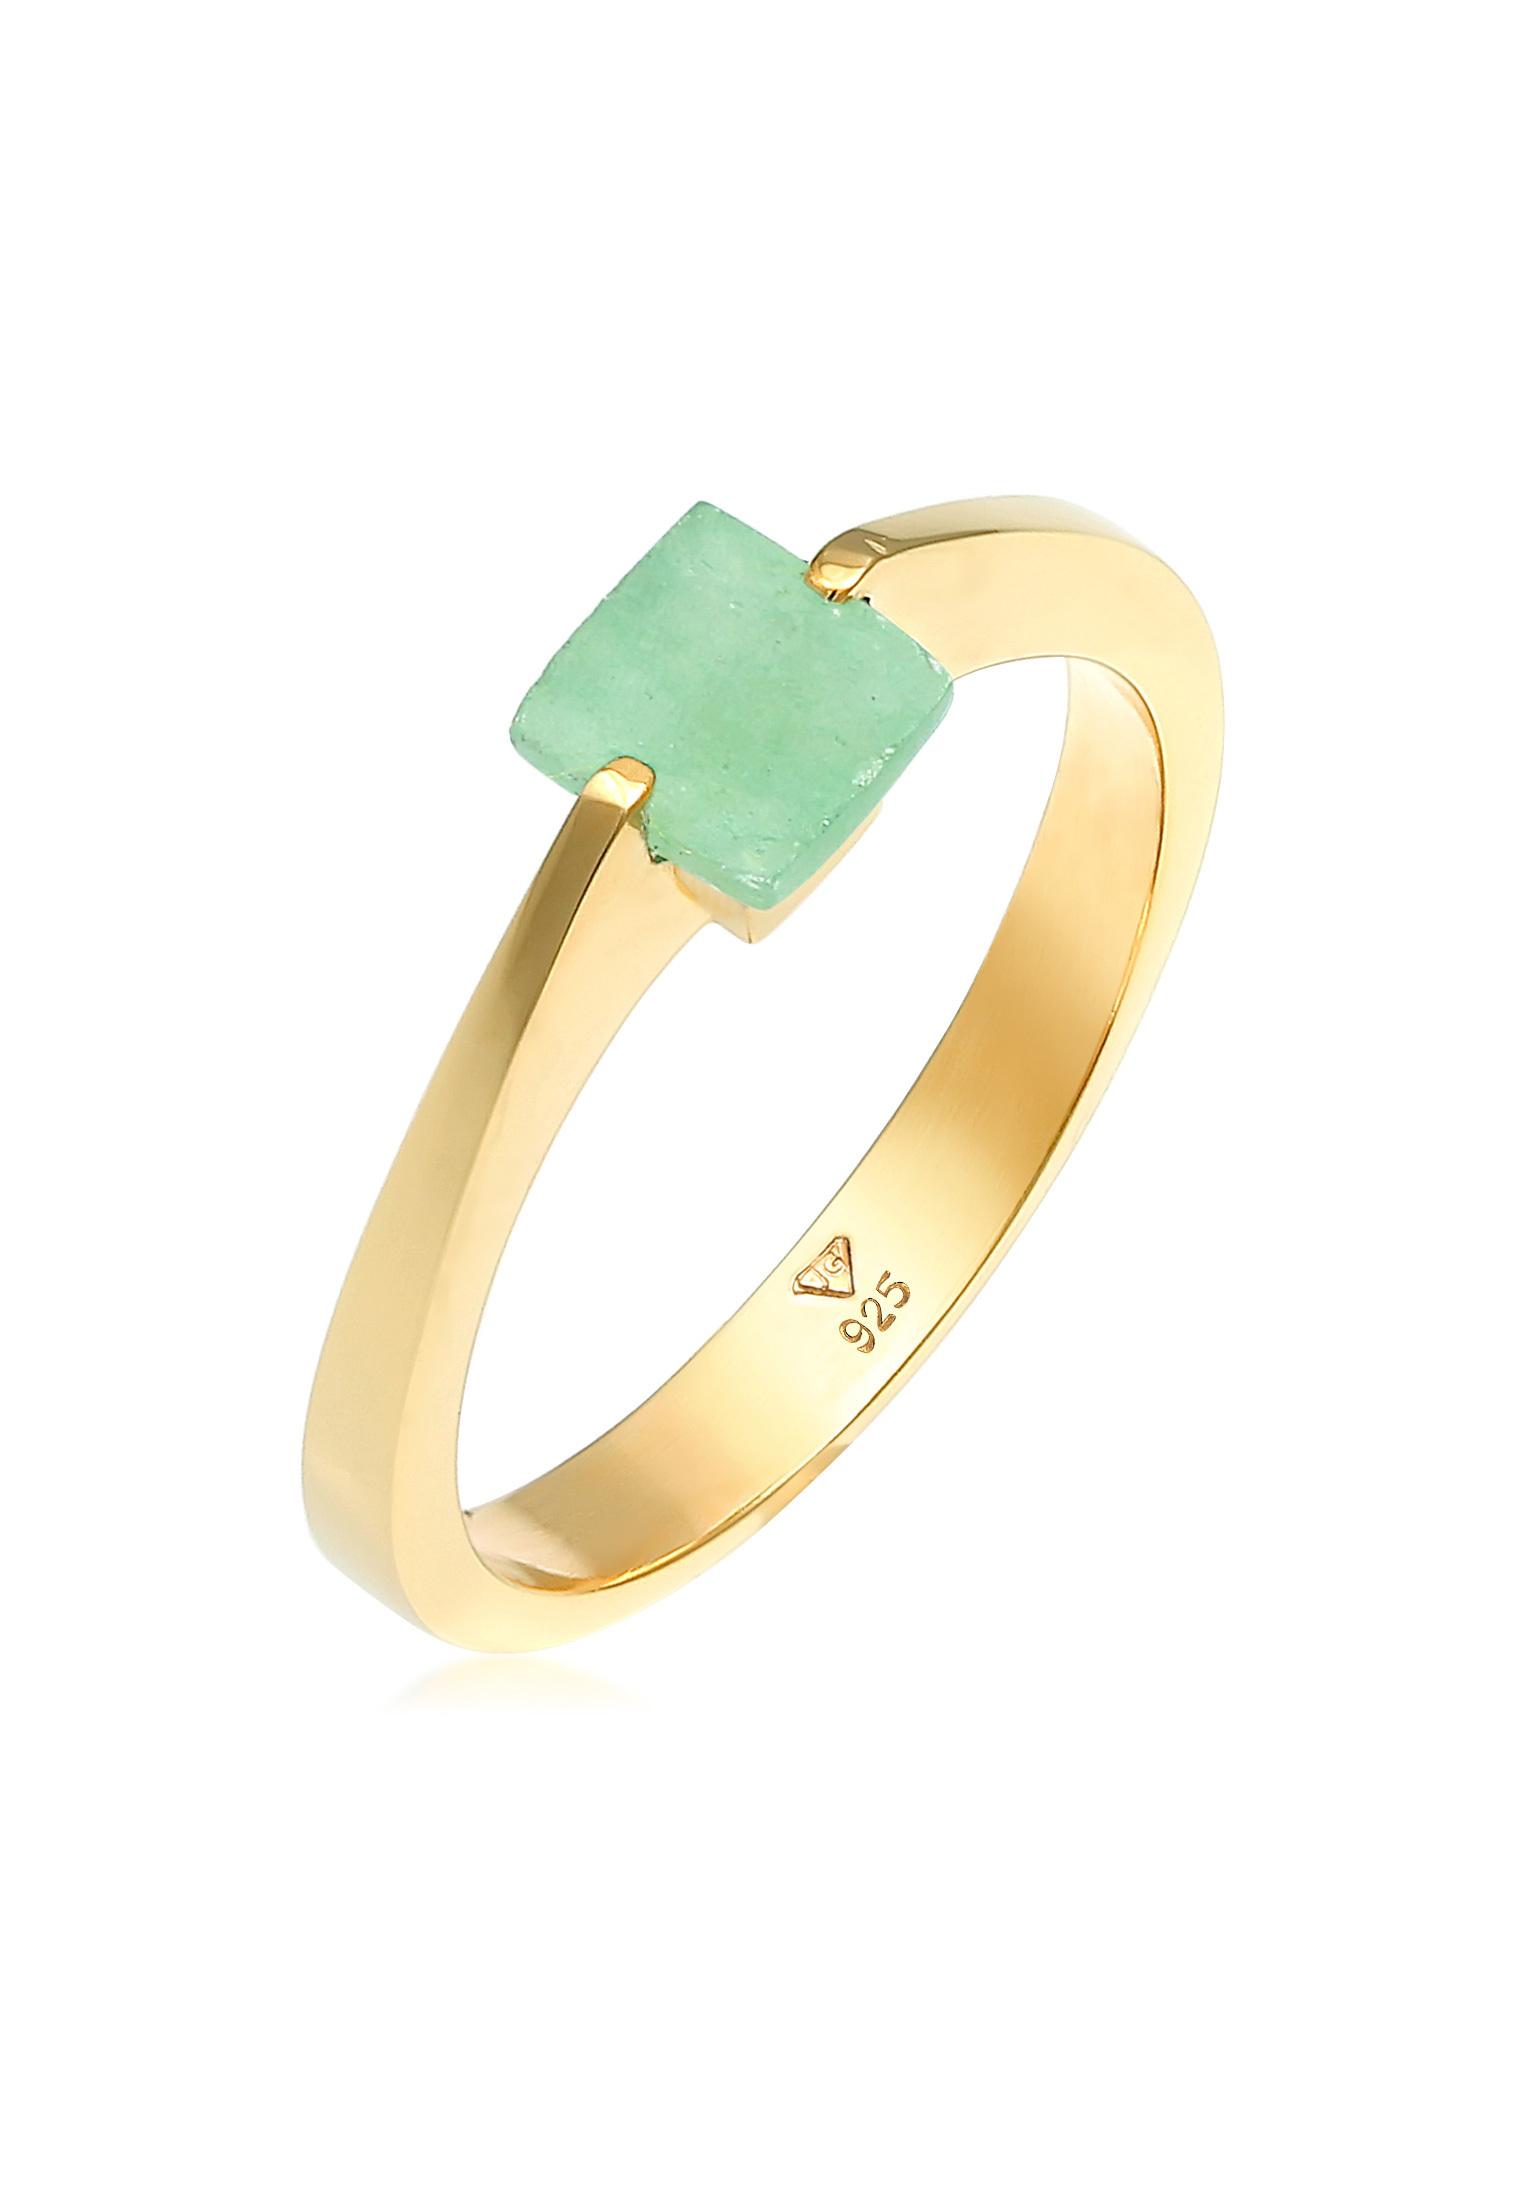 Ring   Jade ( Grün )   925 Sterling Silber vergoldet